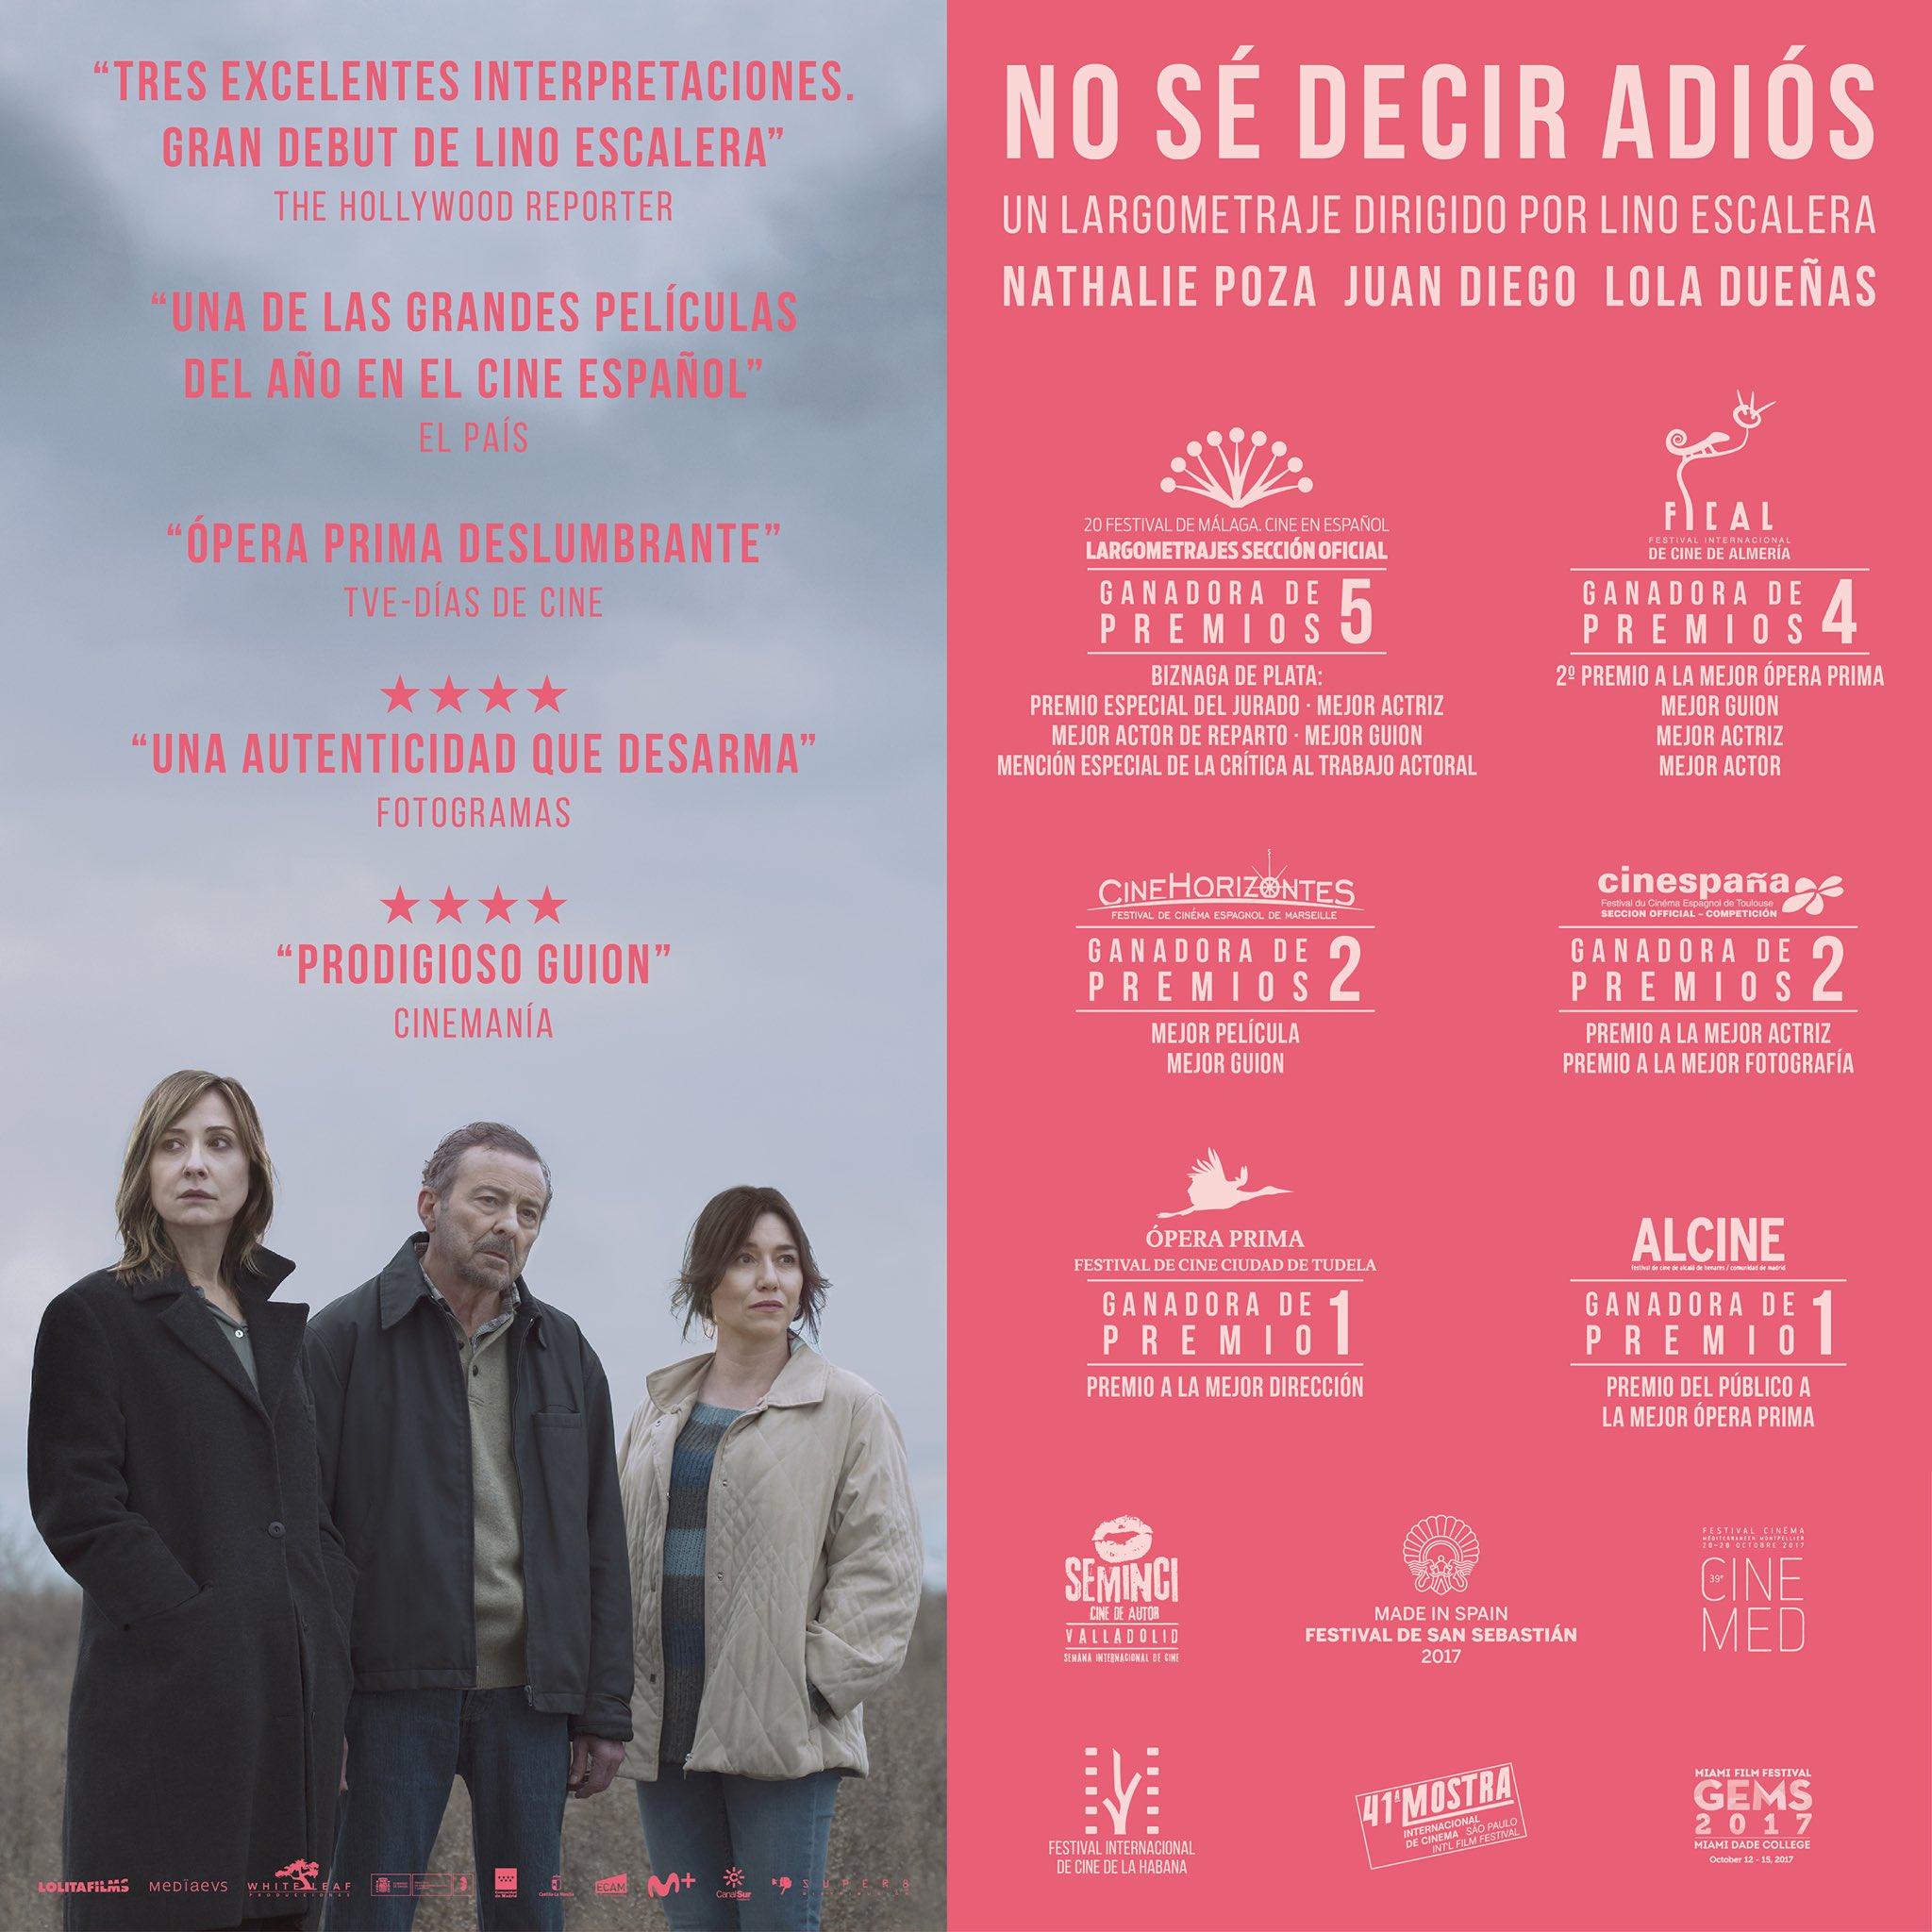 """Affiche du film Horizon d'or 2017 """"No sé decir adiós"""" de Lino Escalera. Sur l'affiche est présent le logo de CineHorizontes 2017 avec la mention """"ganadora de 2 premios Mejor Película Mejor Guion"""""""